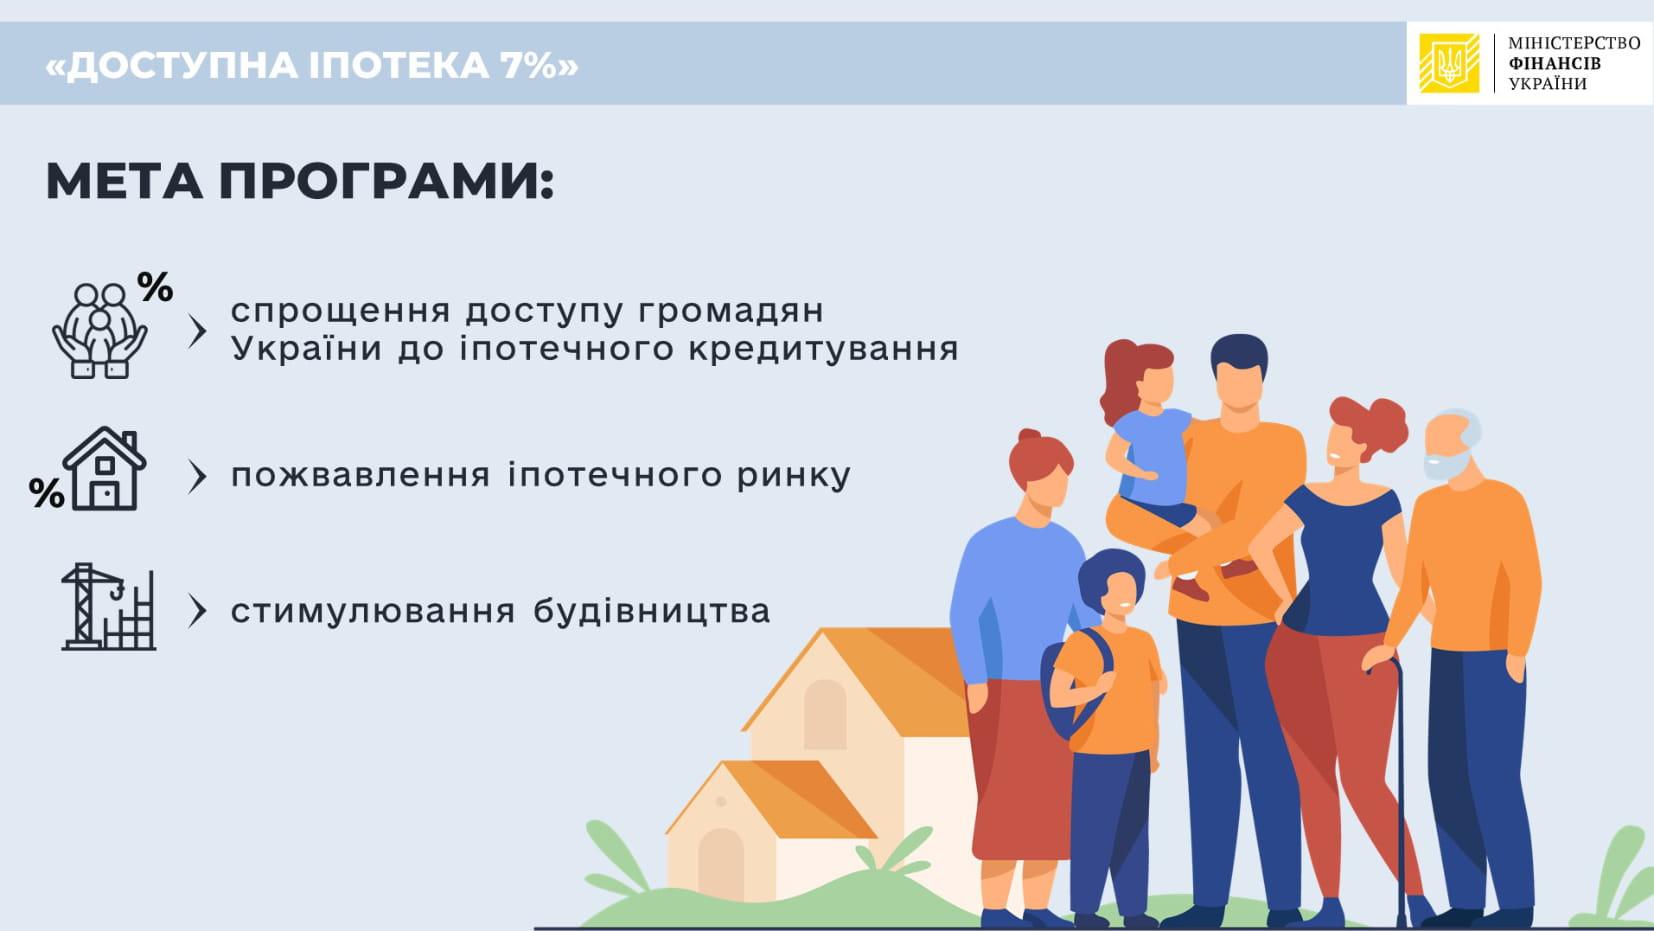 «Доступна іпотека 7%»